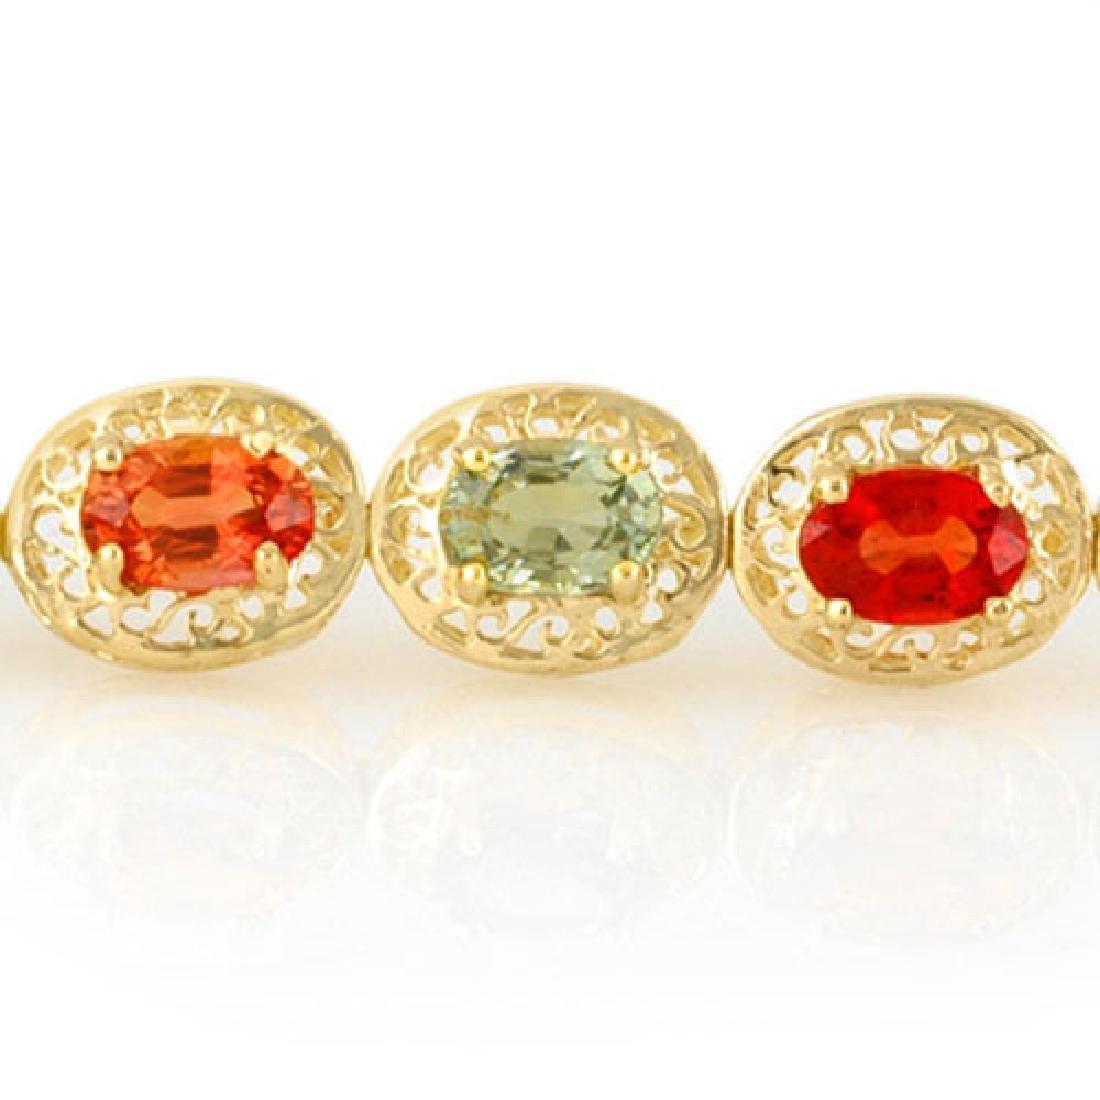 12.90 CTW Multi-Color Sapphire Bracelet 10K Yellow Gold - 2